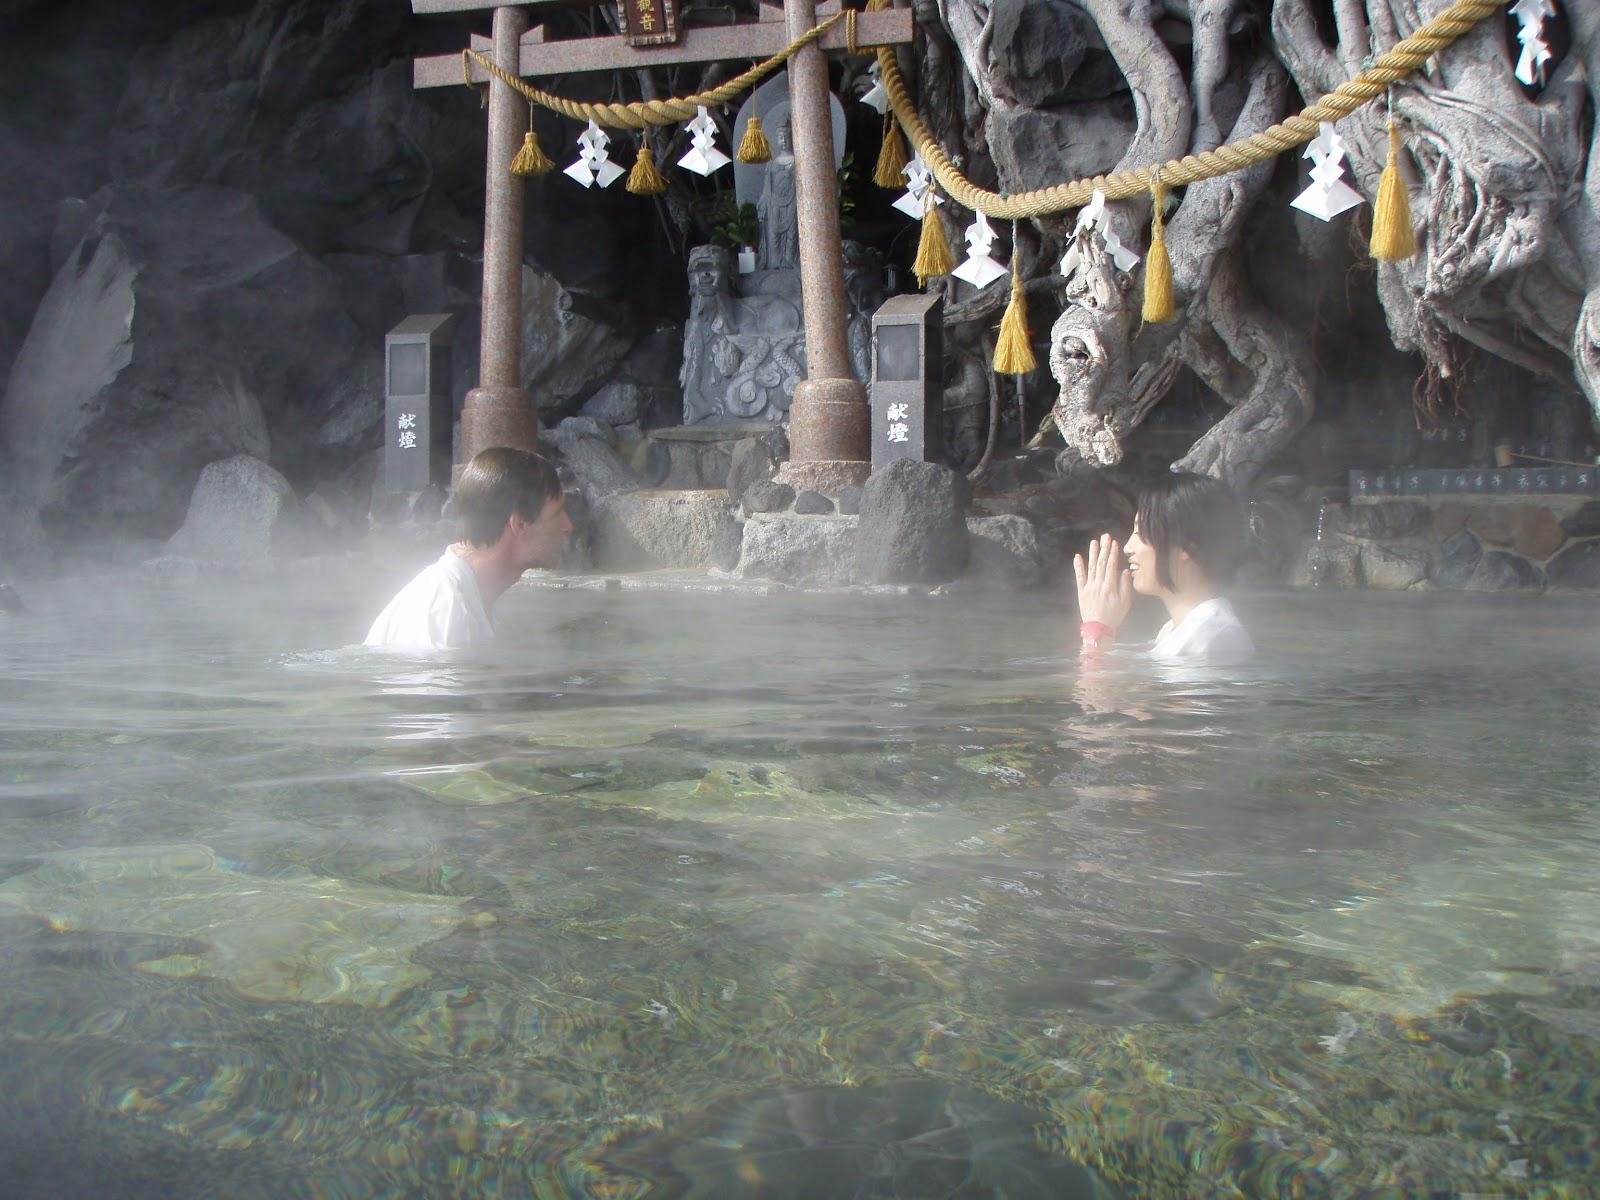 http://3.bp.blogspot.com/-_6WyPyyNOuw/T9Qjmj1EfQI/AAAAAAAAAOs/Q10pfuOFJxc/s1600/Couple+Bathing+in+Holy+Hot+Spring+Sakurajima+Kagoshima.JPG